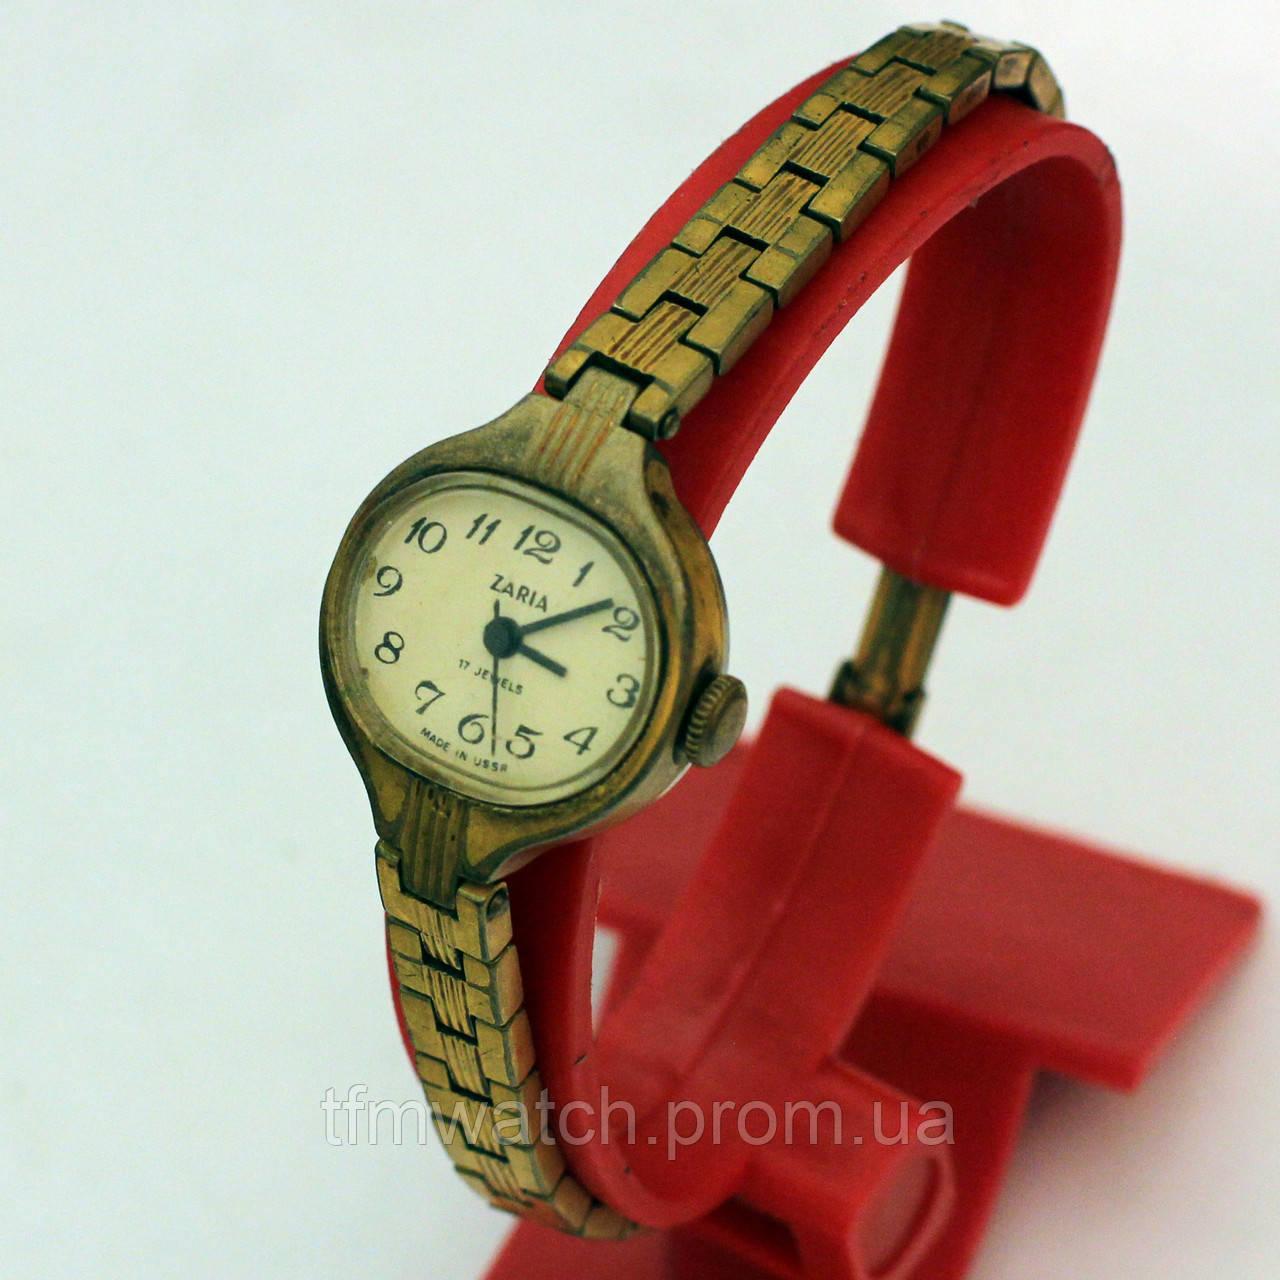 Zarja made in USSR